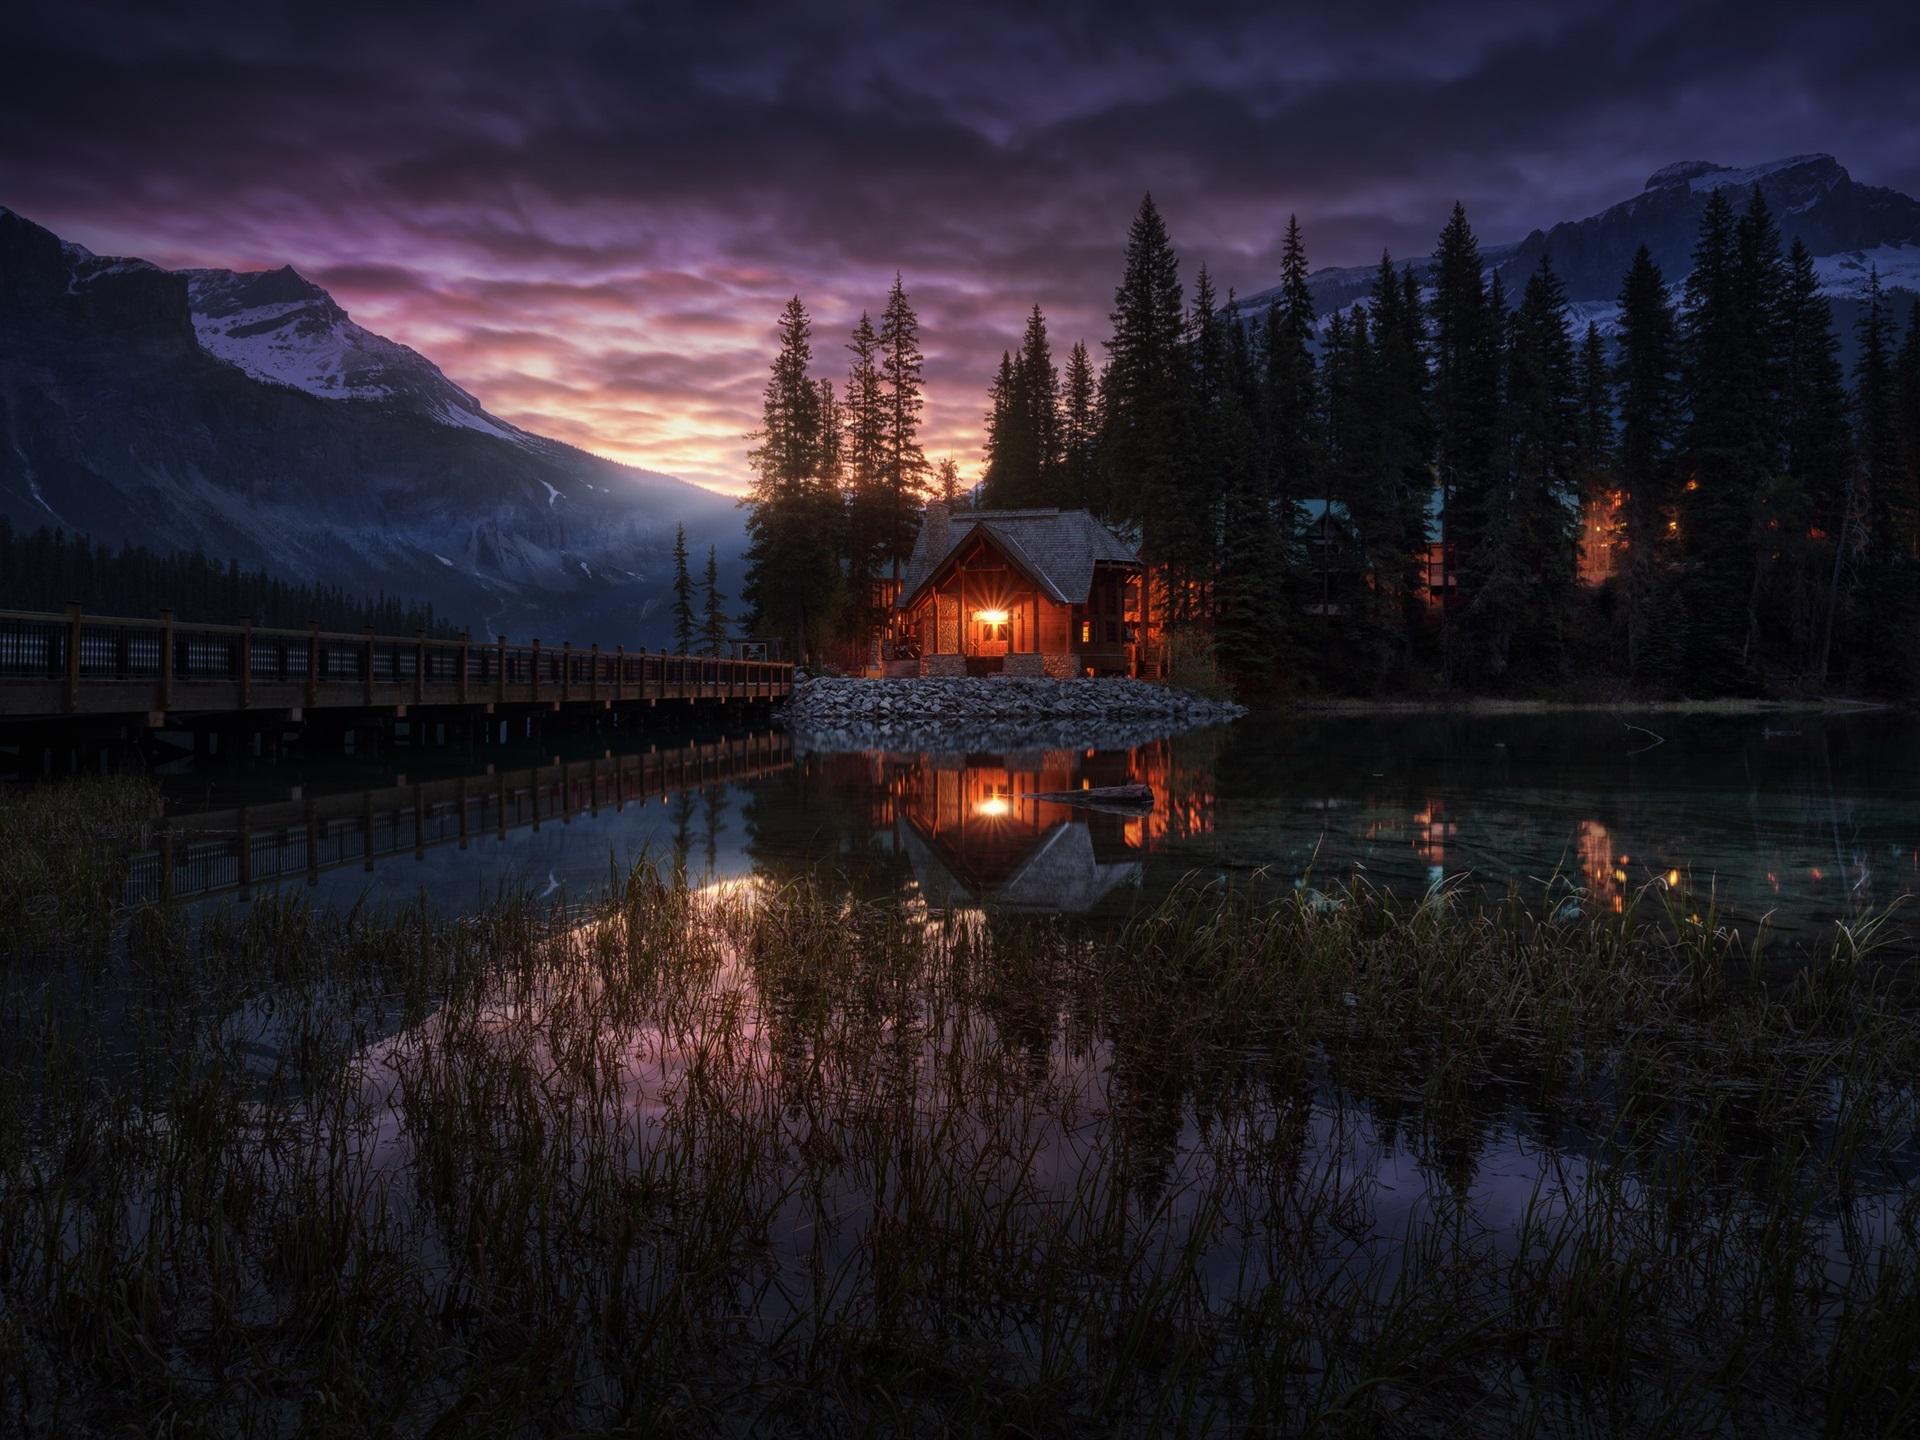 горы озеро деревья дом отражение скачать